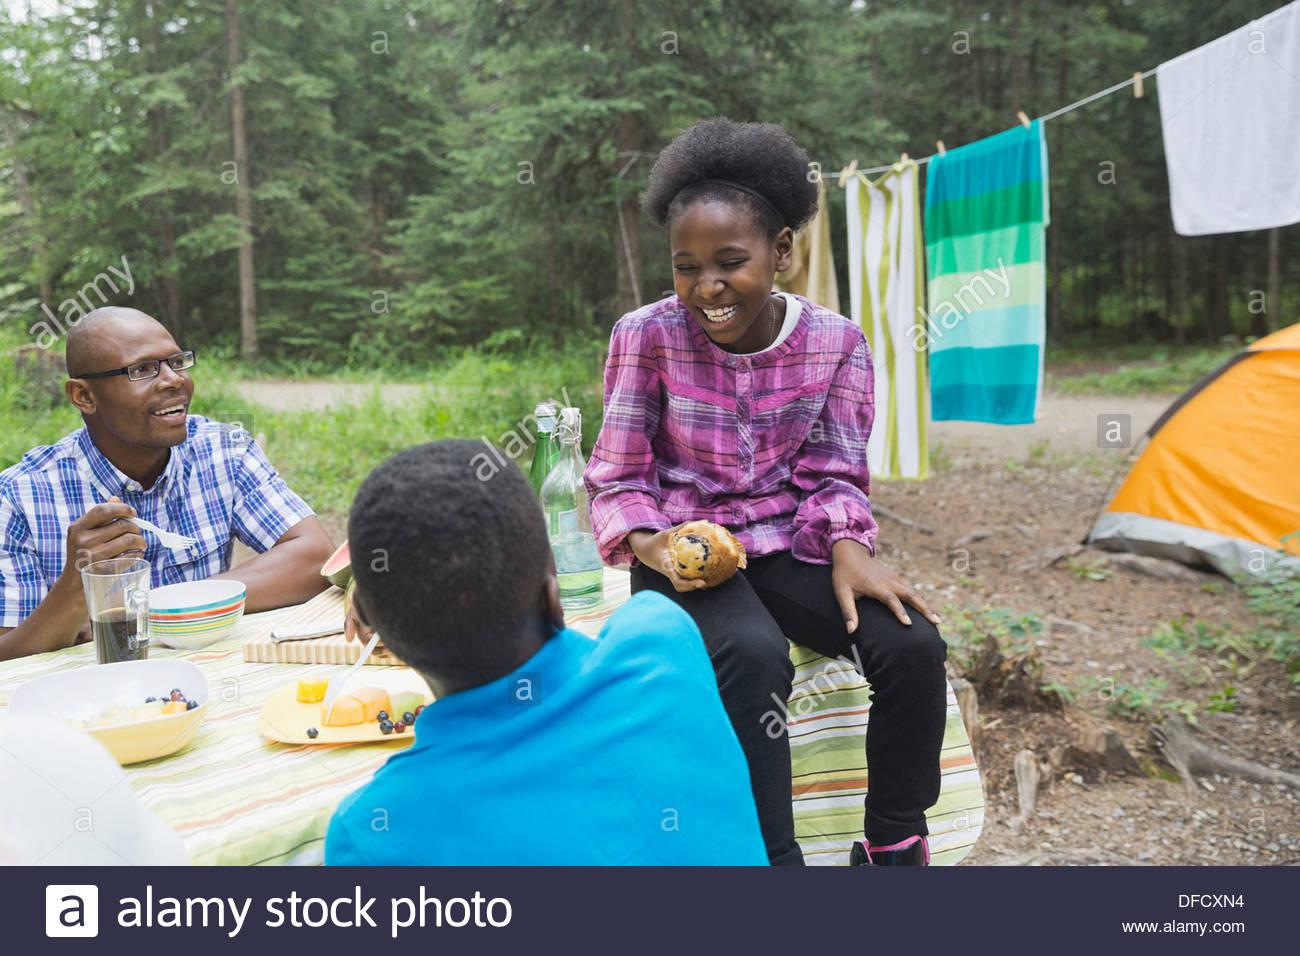 Des enfants heureux et père enjoying meal at campsite Photo Stock